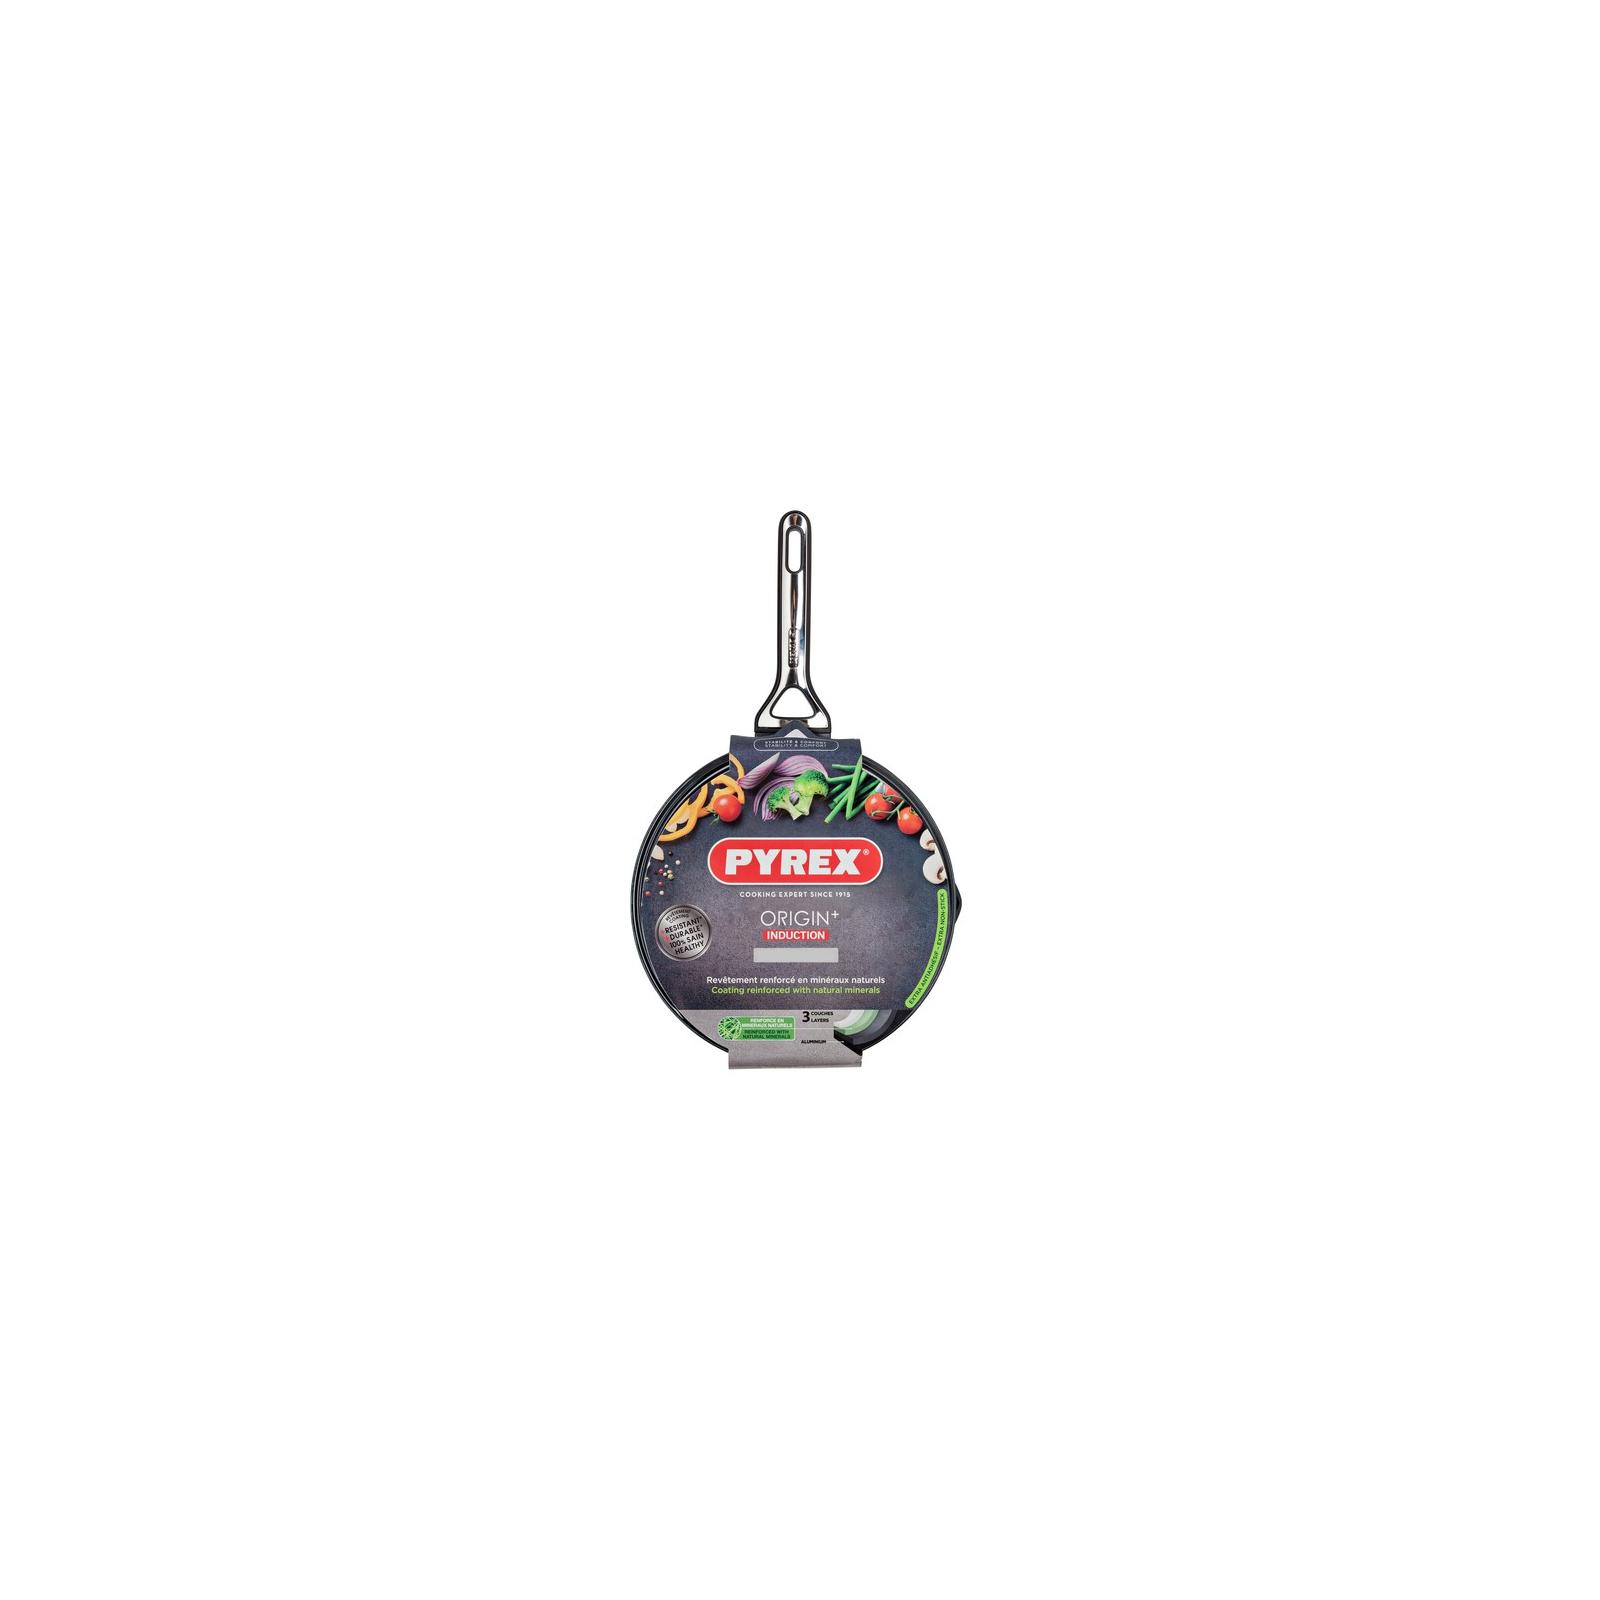 Сковорода Pyrex Origin+ Wok 28 см (RP28BW4) изображение 2